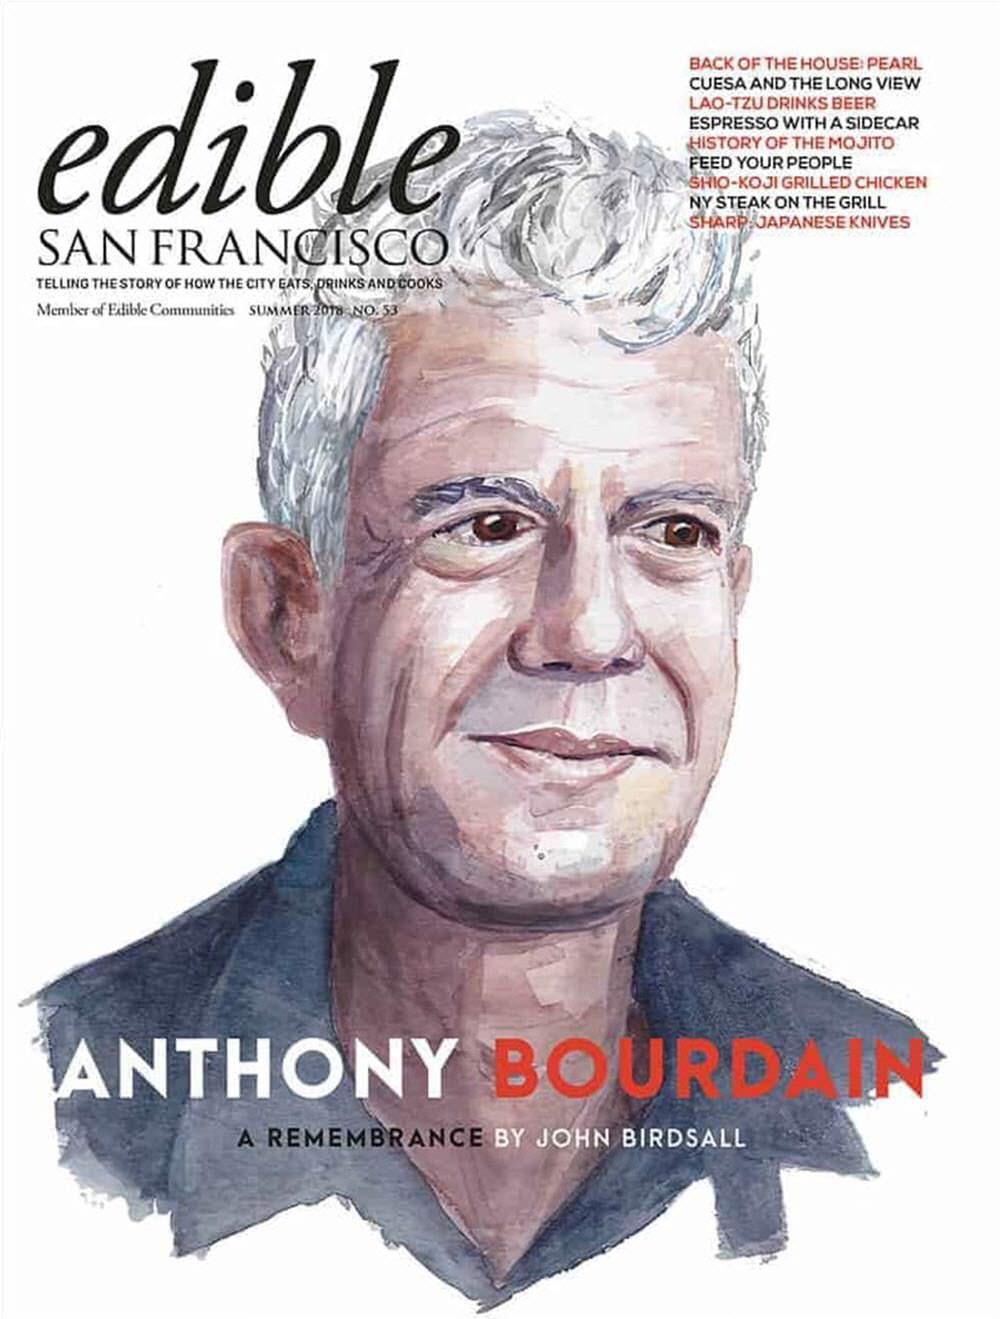 Anthony Bourdain  - DB101-a